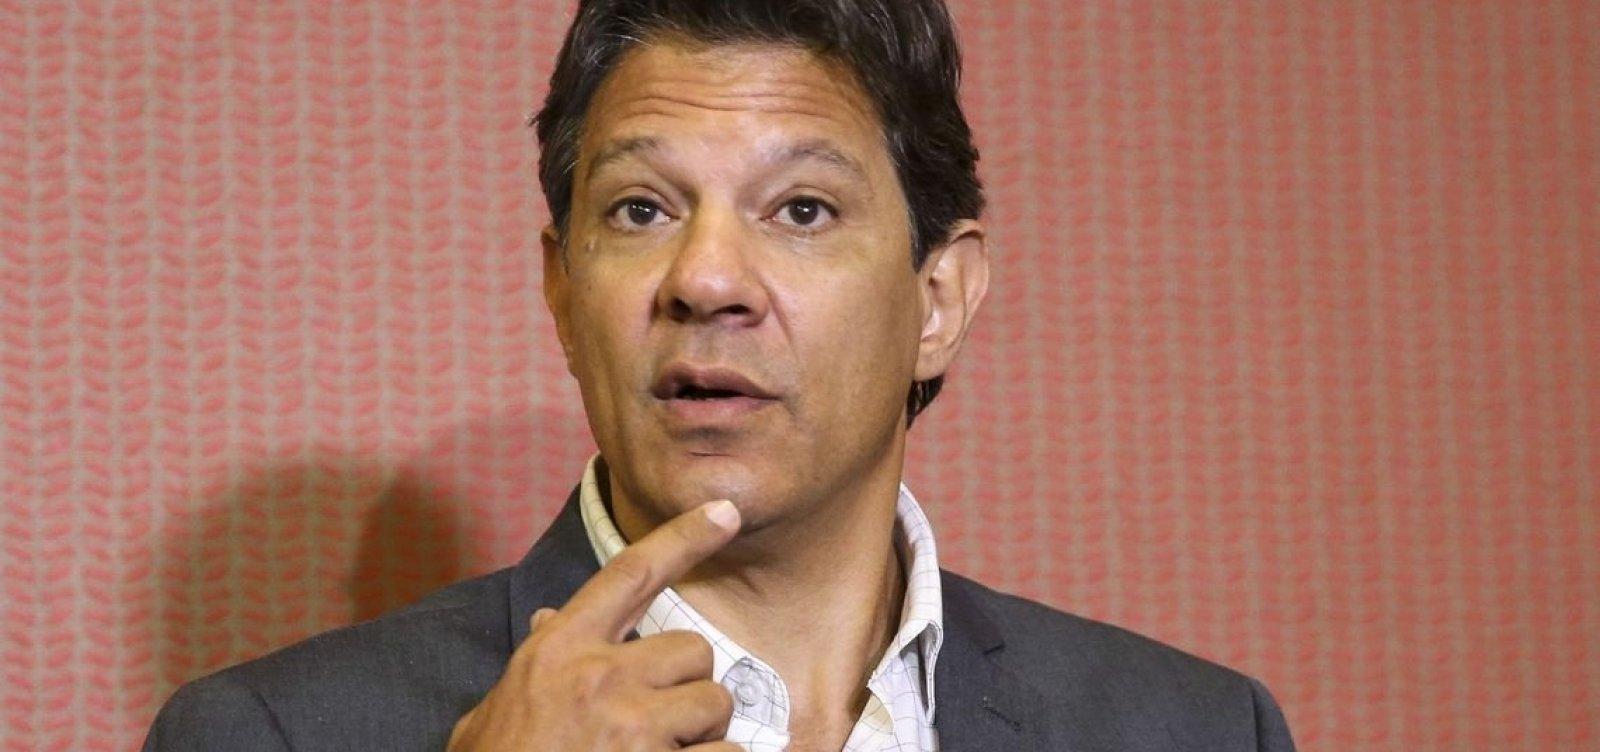 Haddad admite que diretores 'ficaram soltos para promover corrupção' em governos do PT